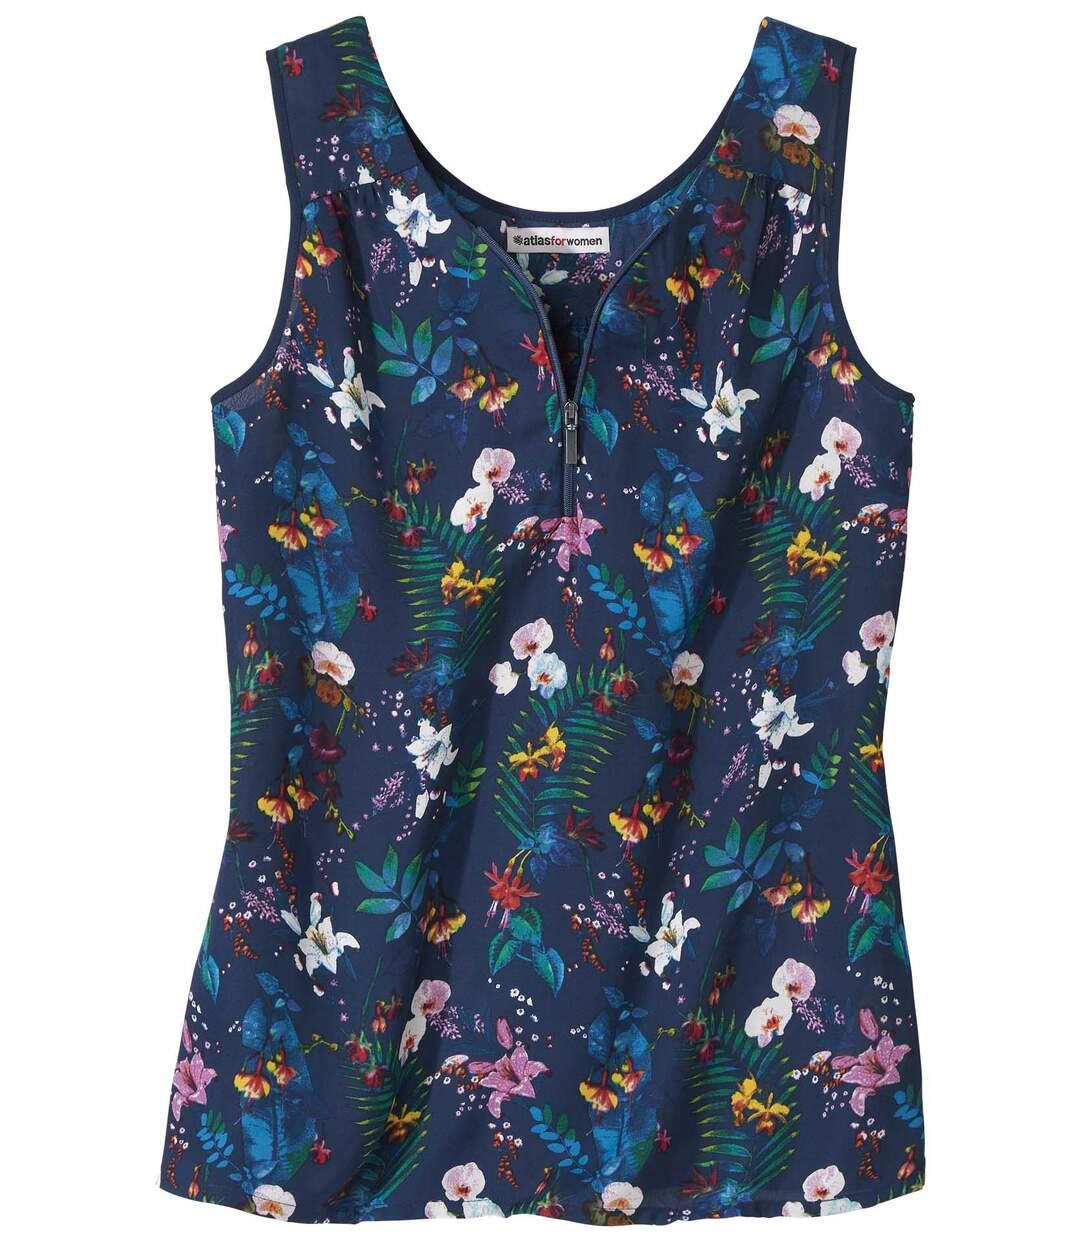 Women's Navy Zip-Neck Vest Top